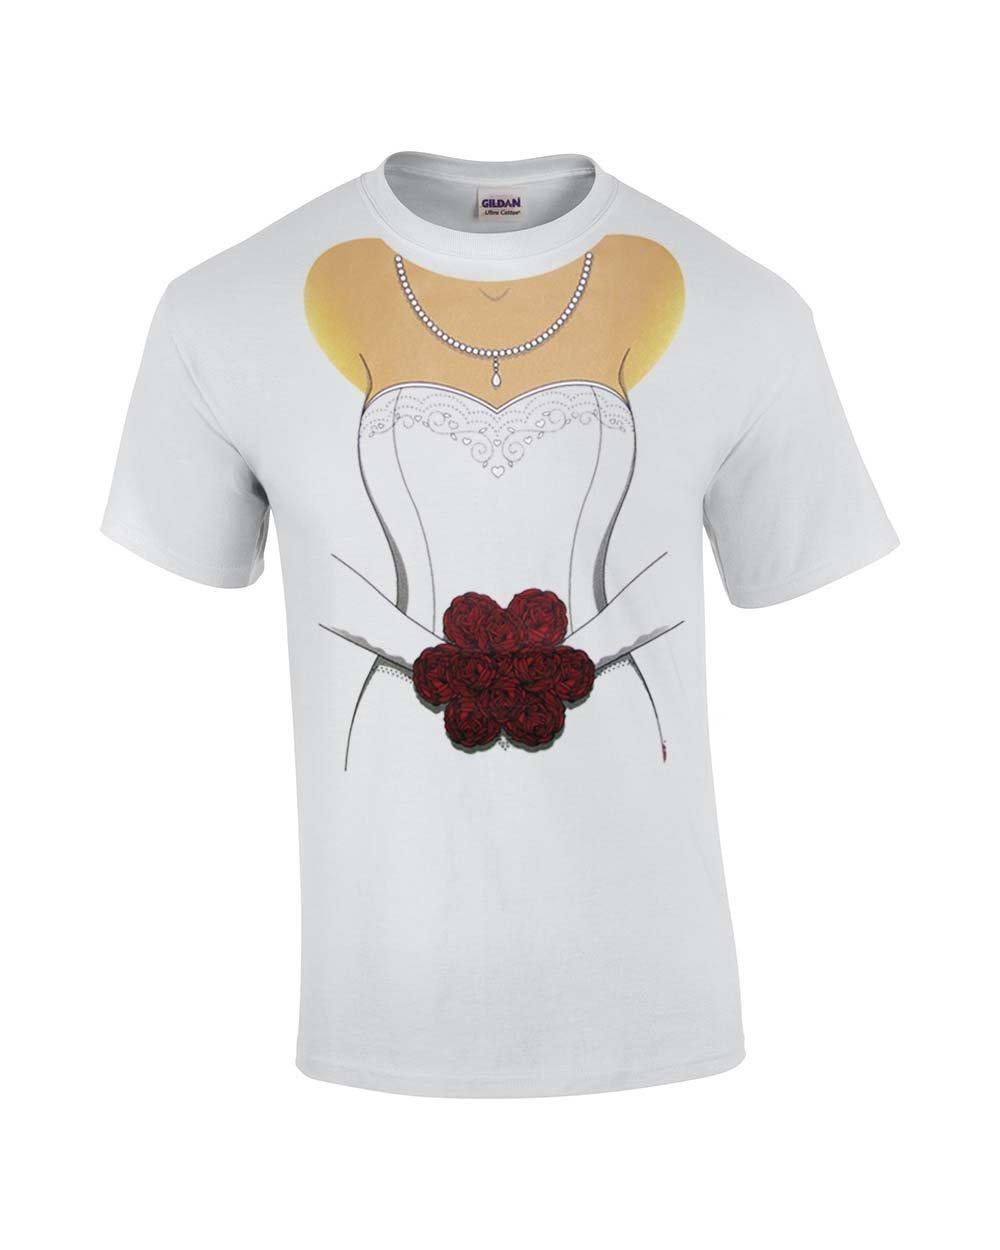 Bride T-Shirt Full Body Design Bachelorette Tee-medium